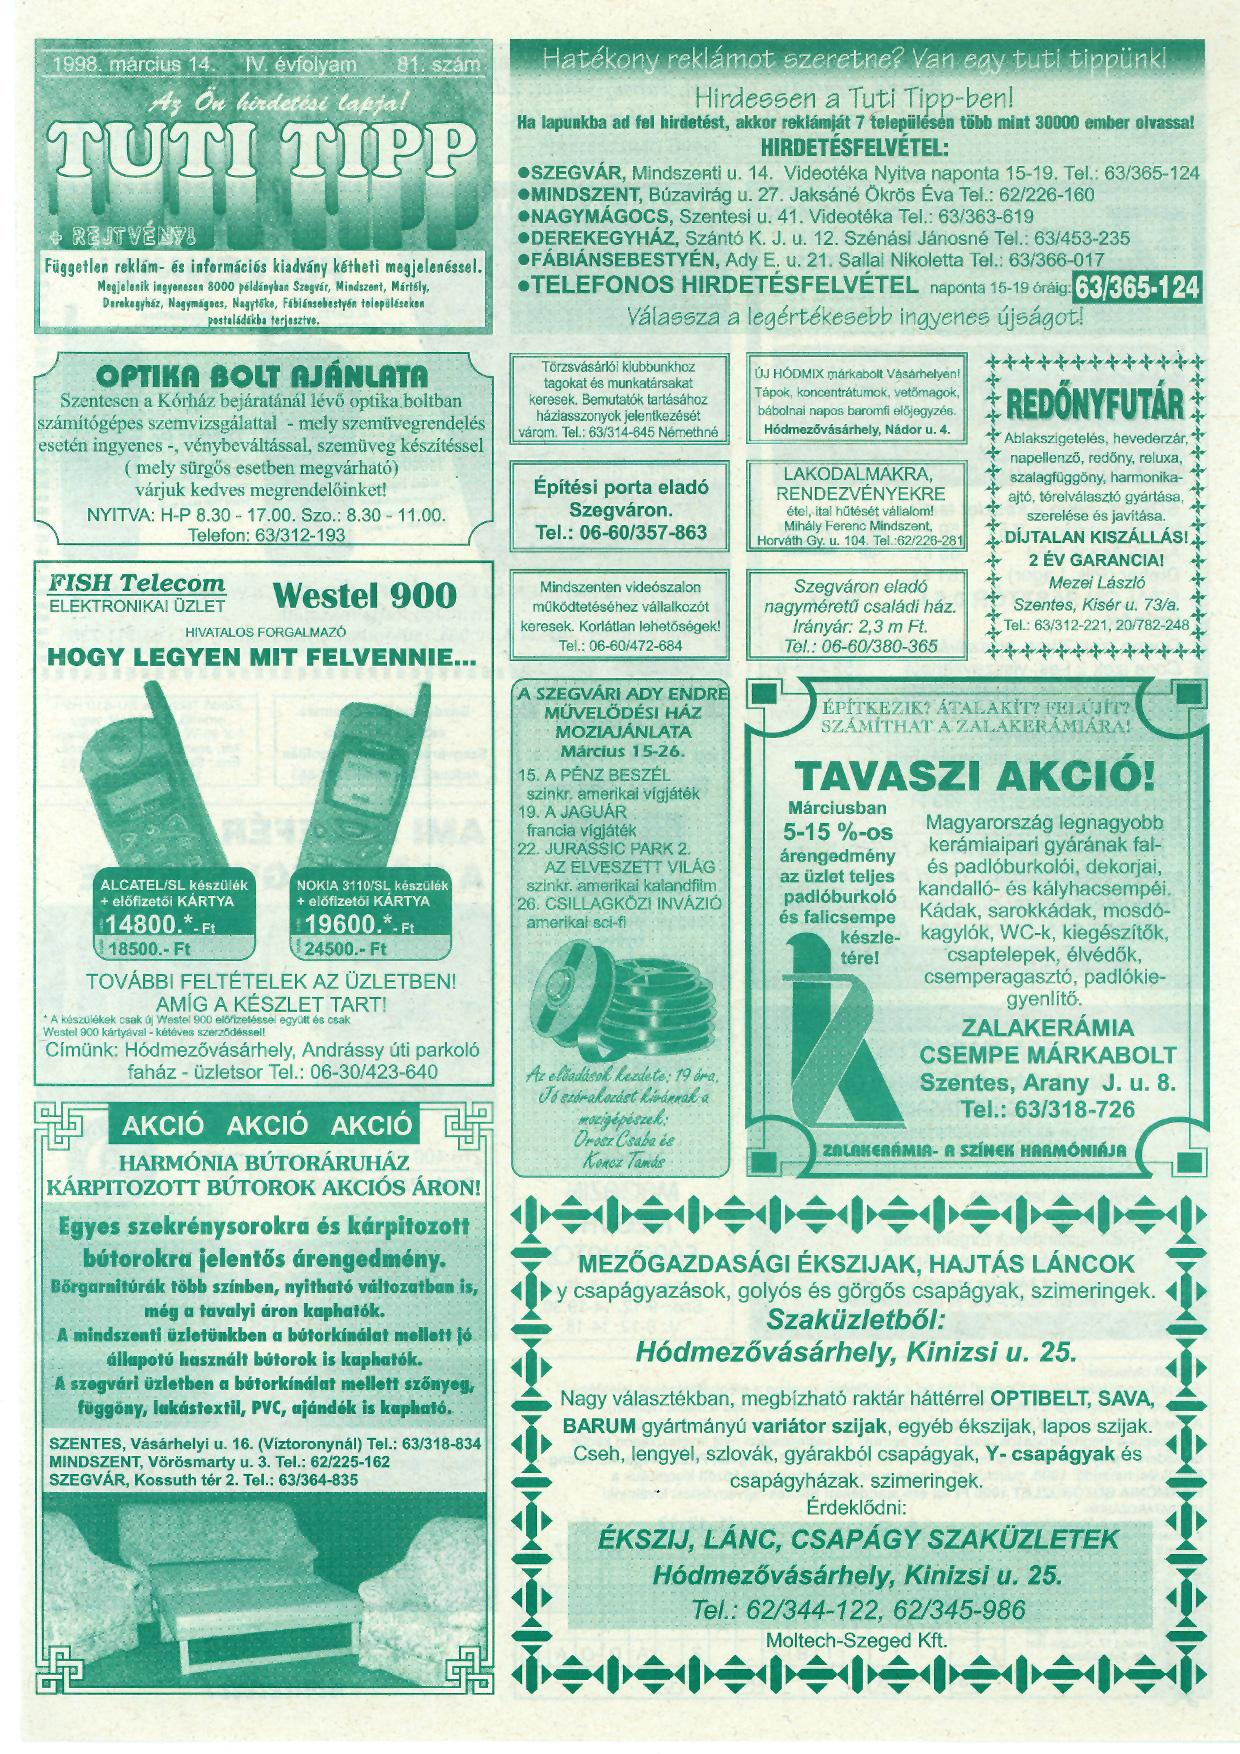 007 Tuti Tipp reklámújság - 19980314-081. lapszám - 1.oldal - IV. évfolyam.jpg